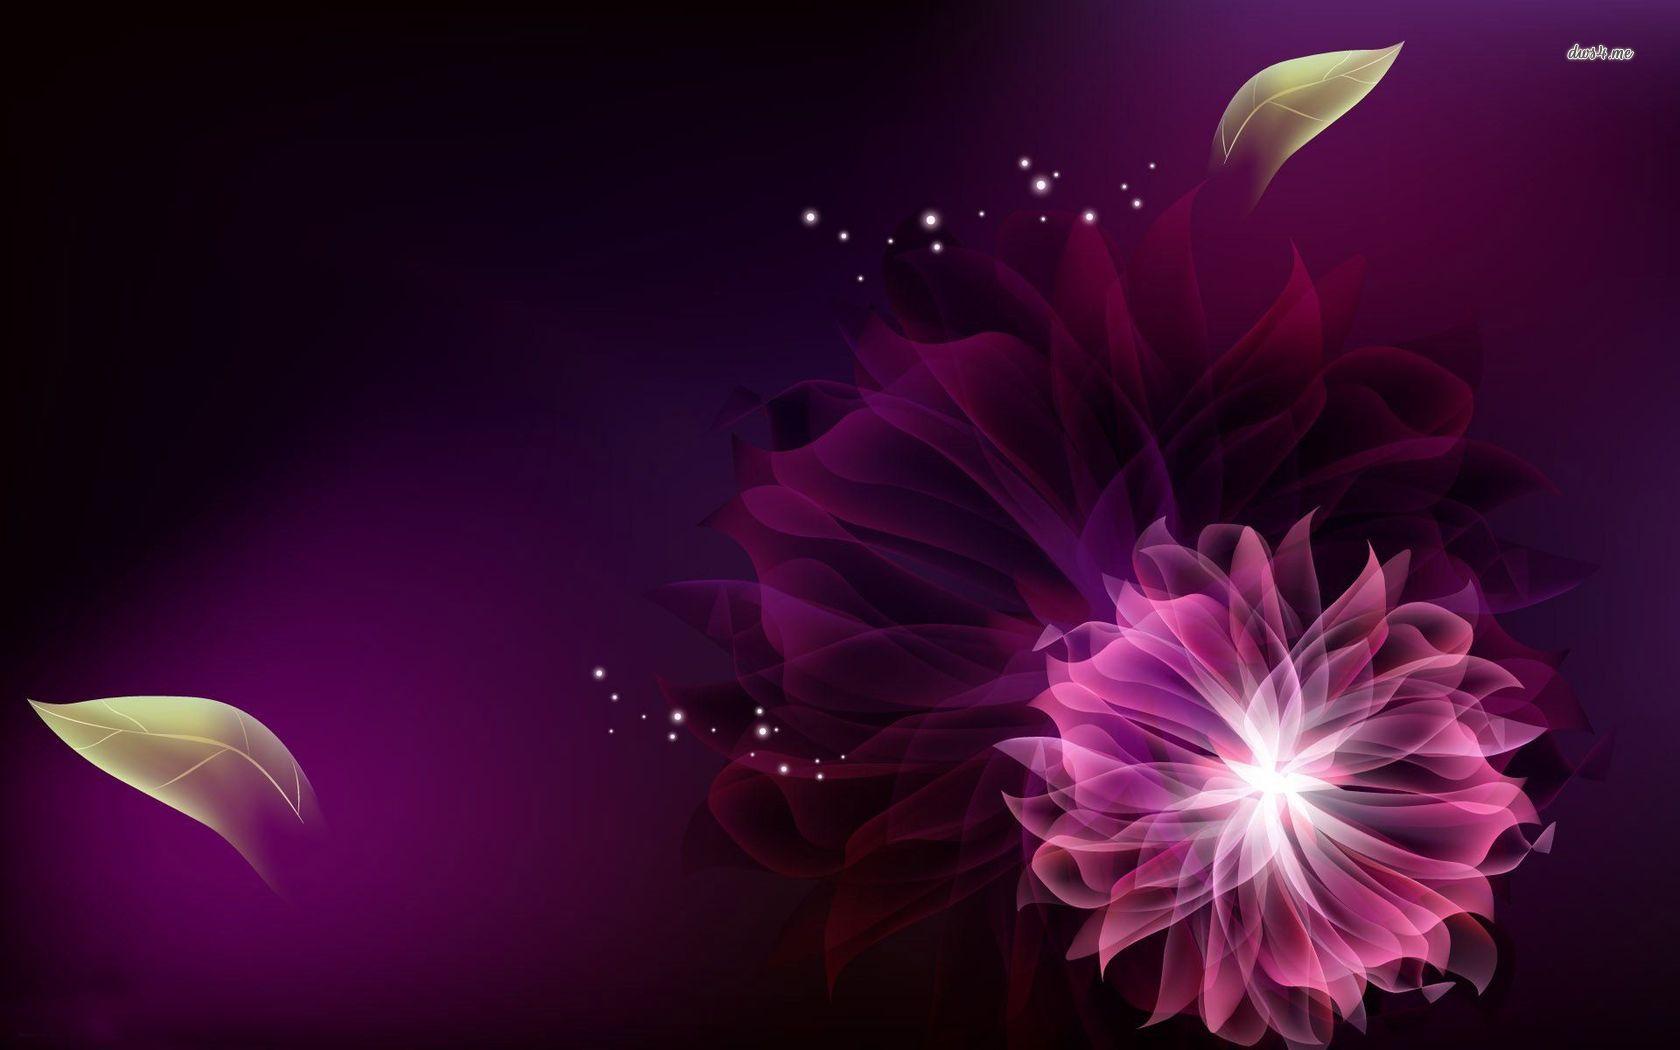 цветок сиреневый абстракция  № 3288357 загрузить